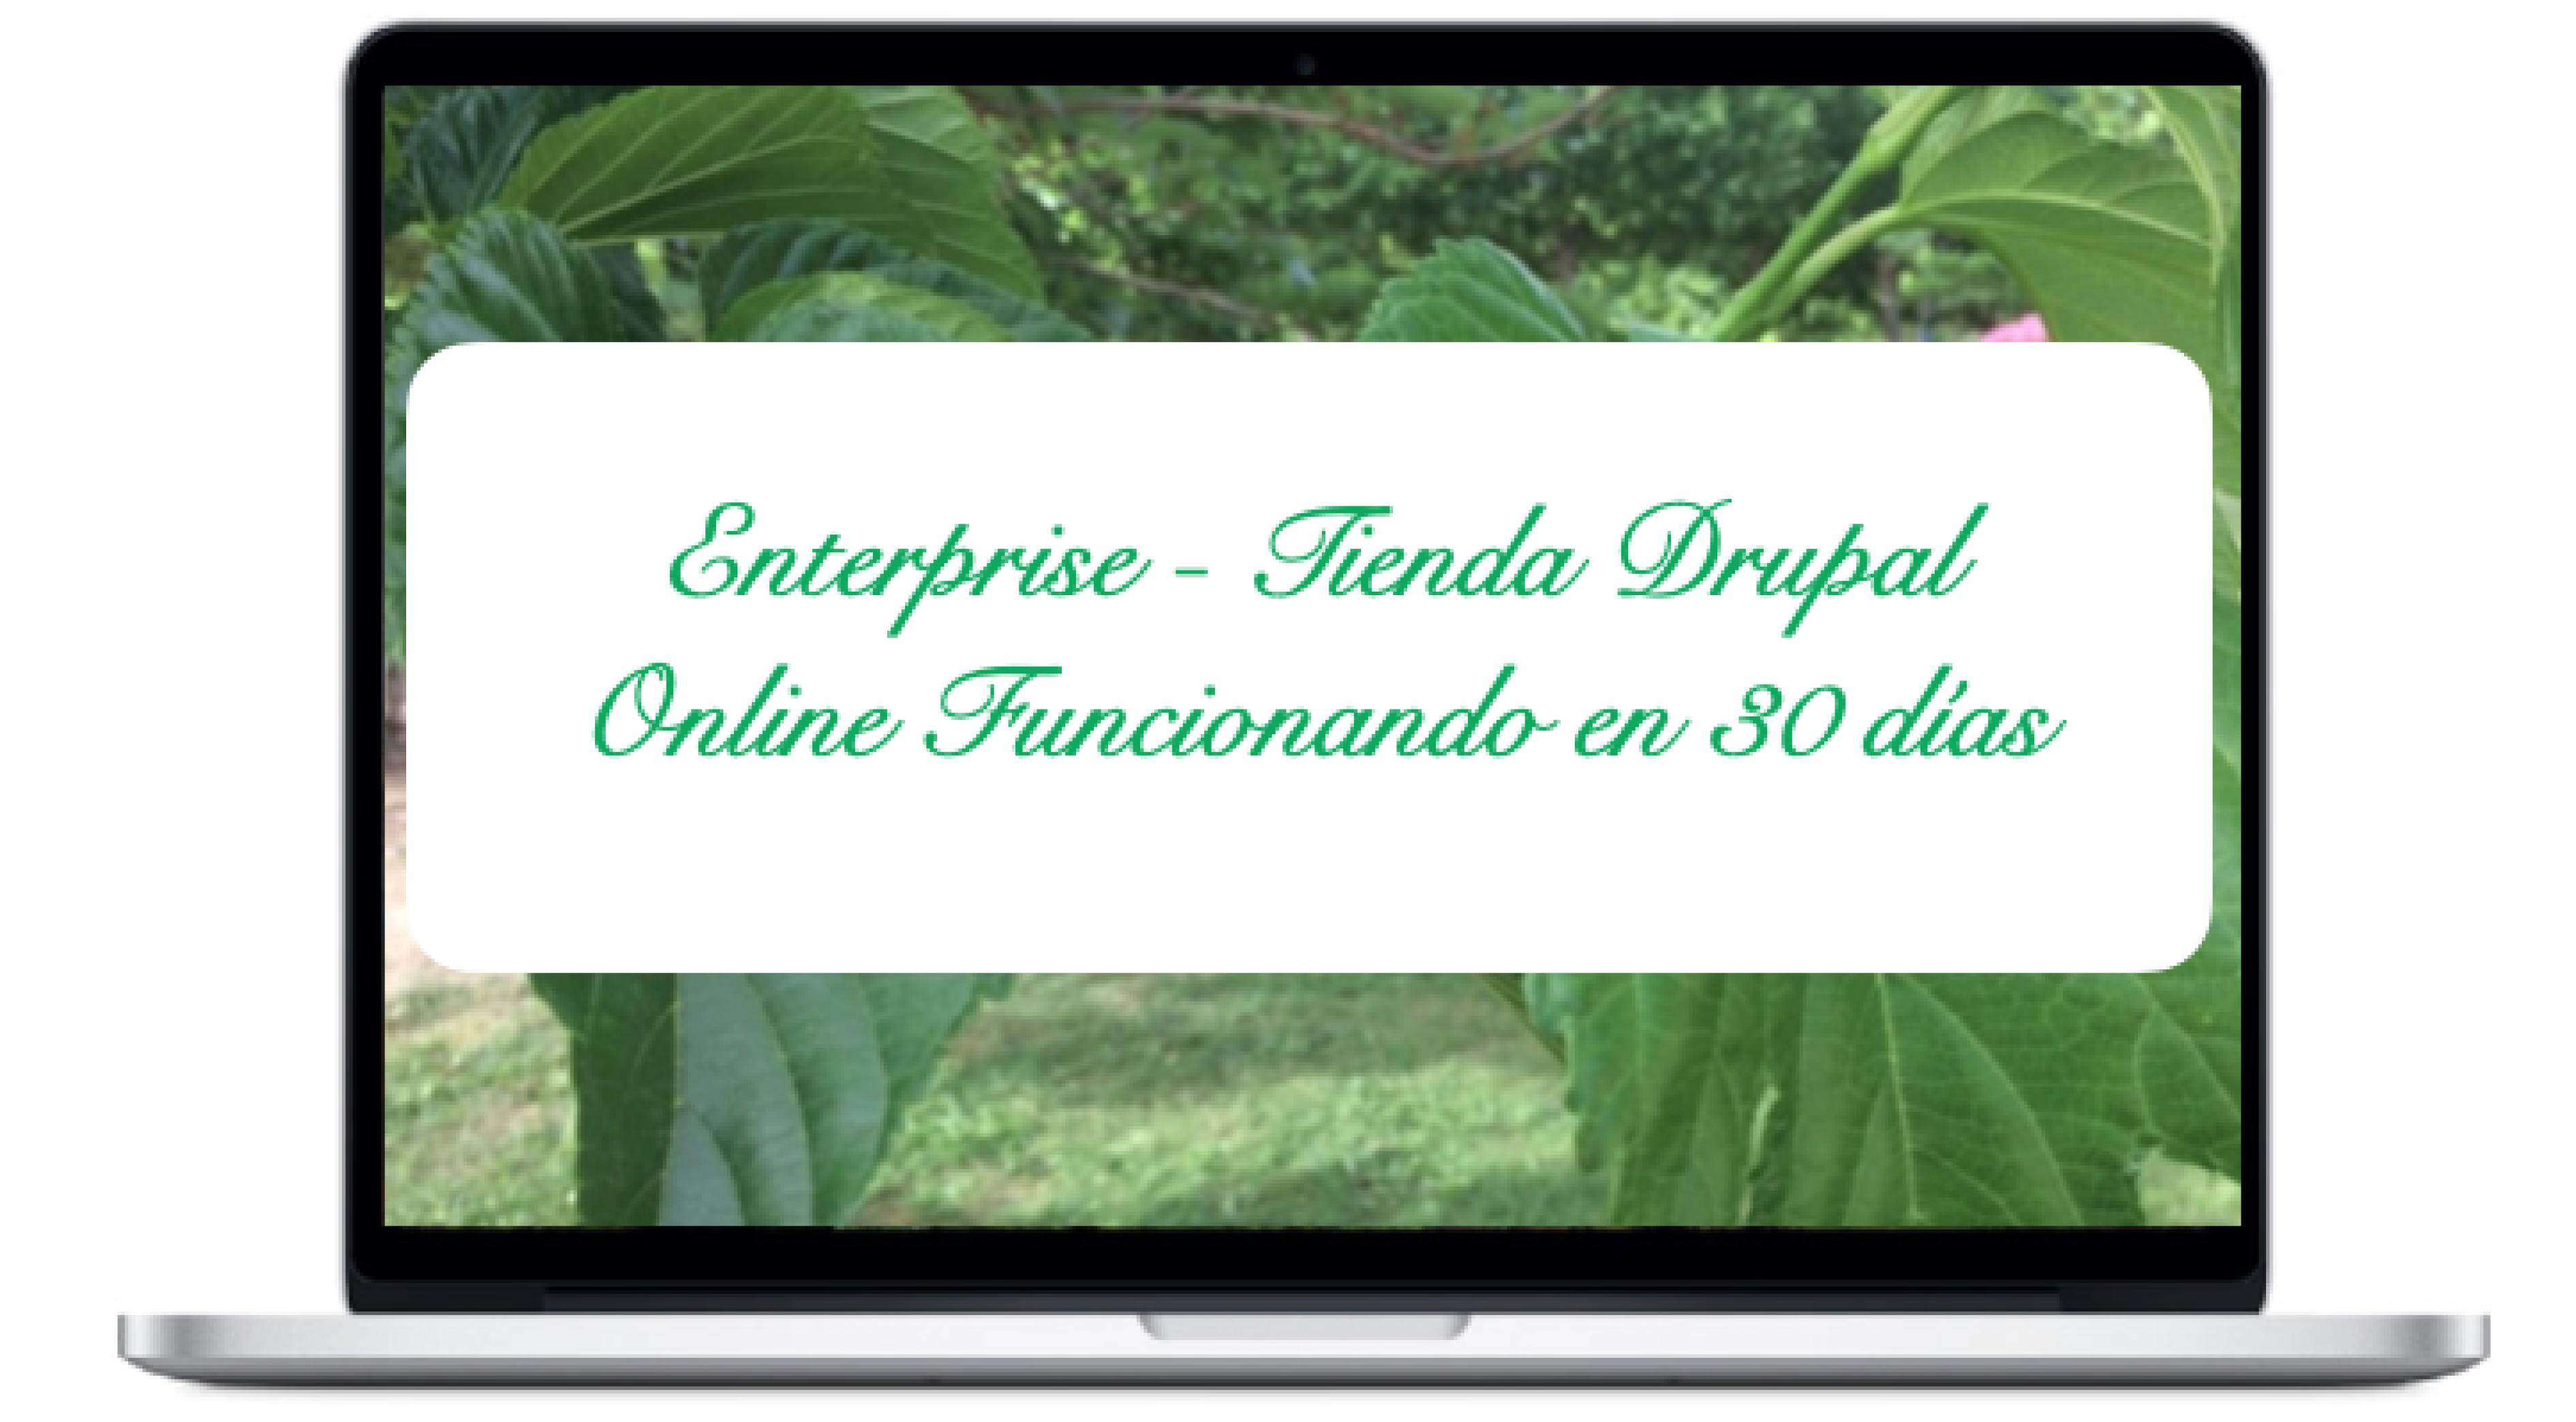 enterprise-tienda-drupal-online-funcionando-en-30-dias_0